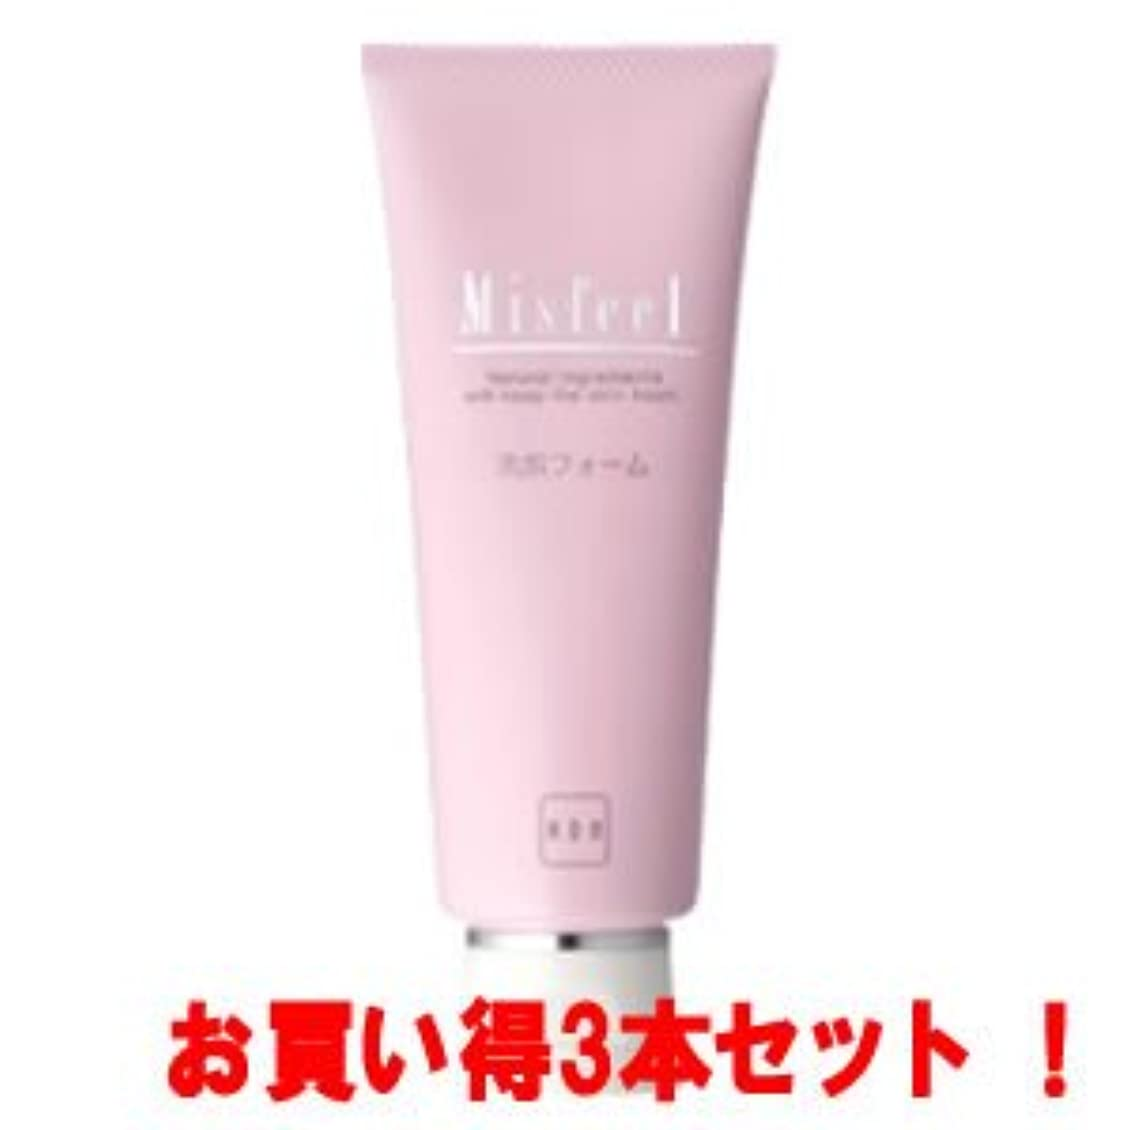 激しい切り離す混合(アサバ化粧品)ミズフィール 洗顔フォーム100g(お買い得3本セット)